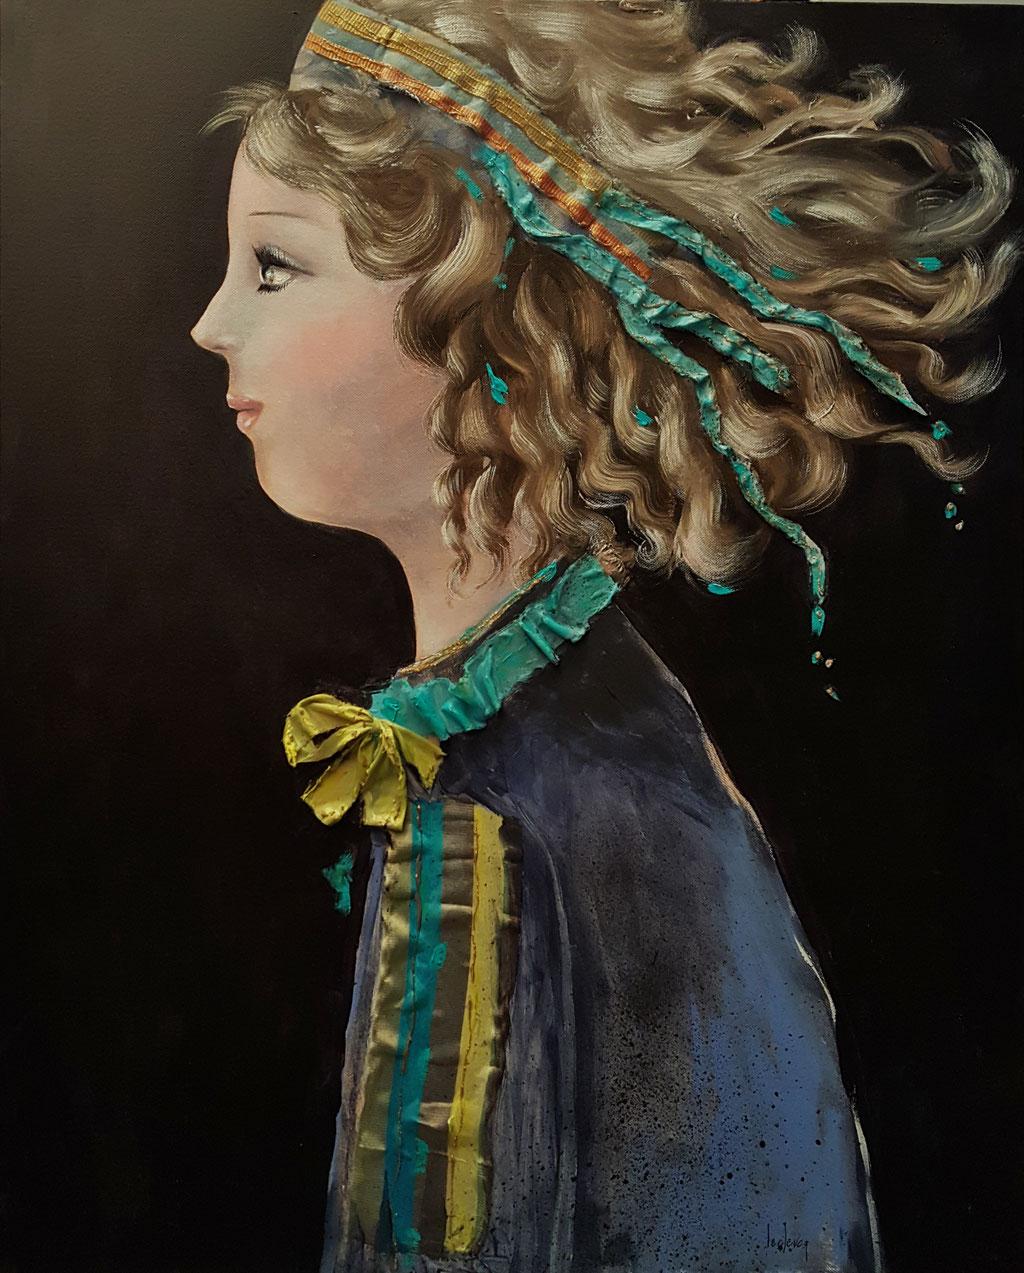 bernadette lelercq art peinture